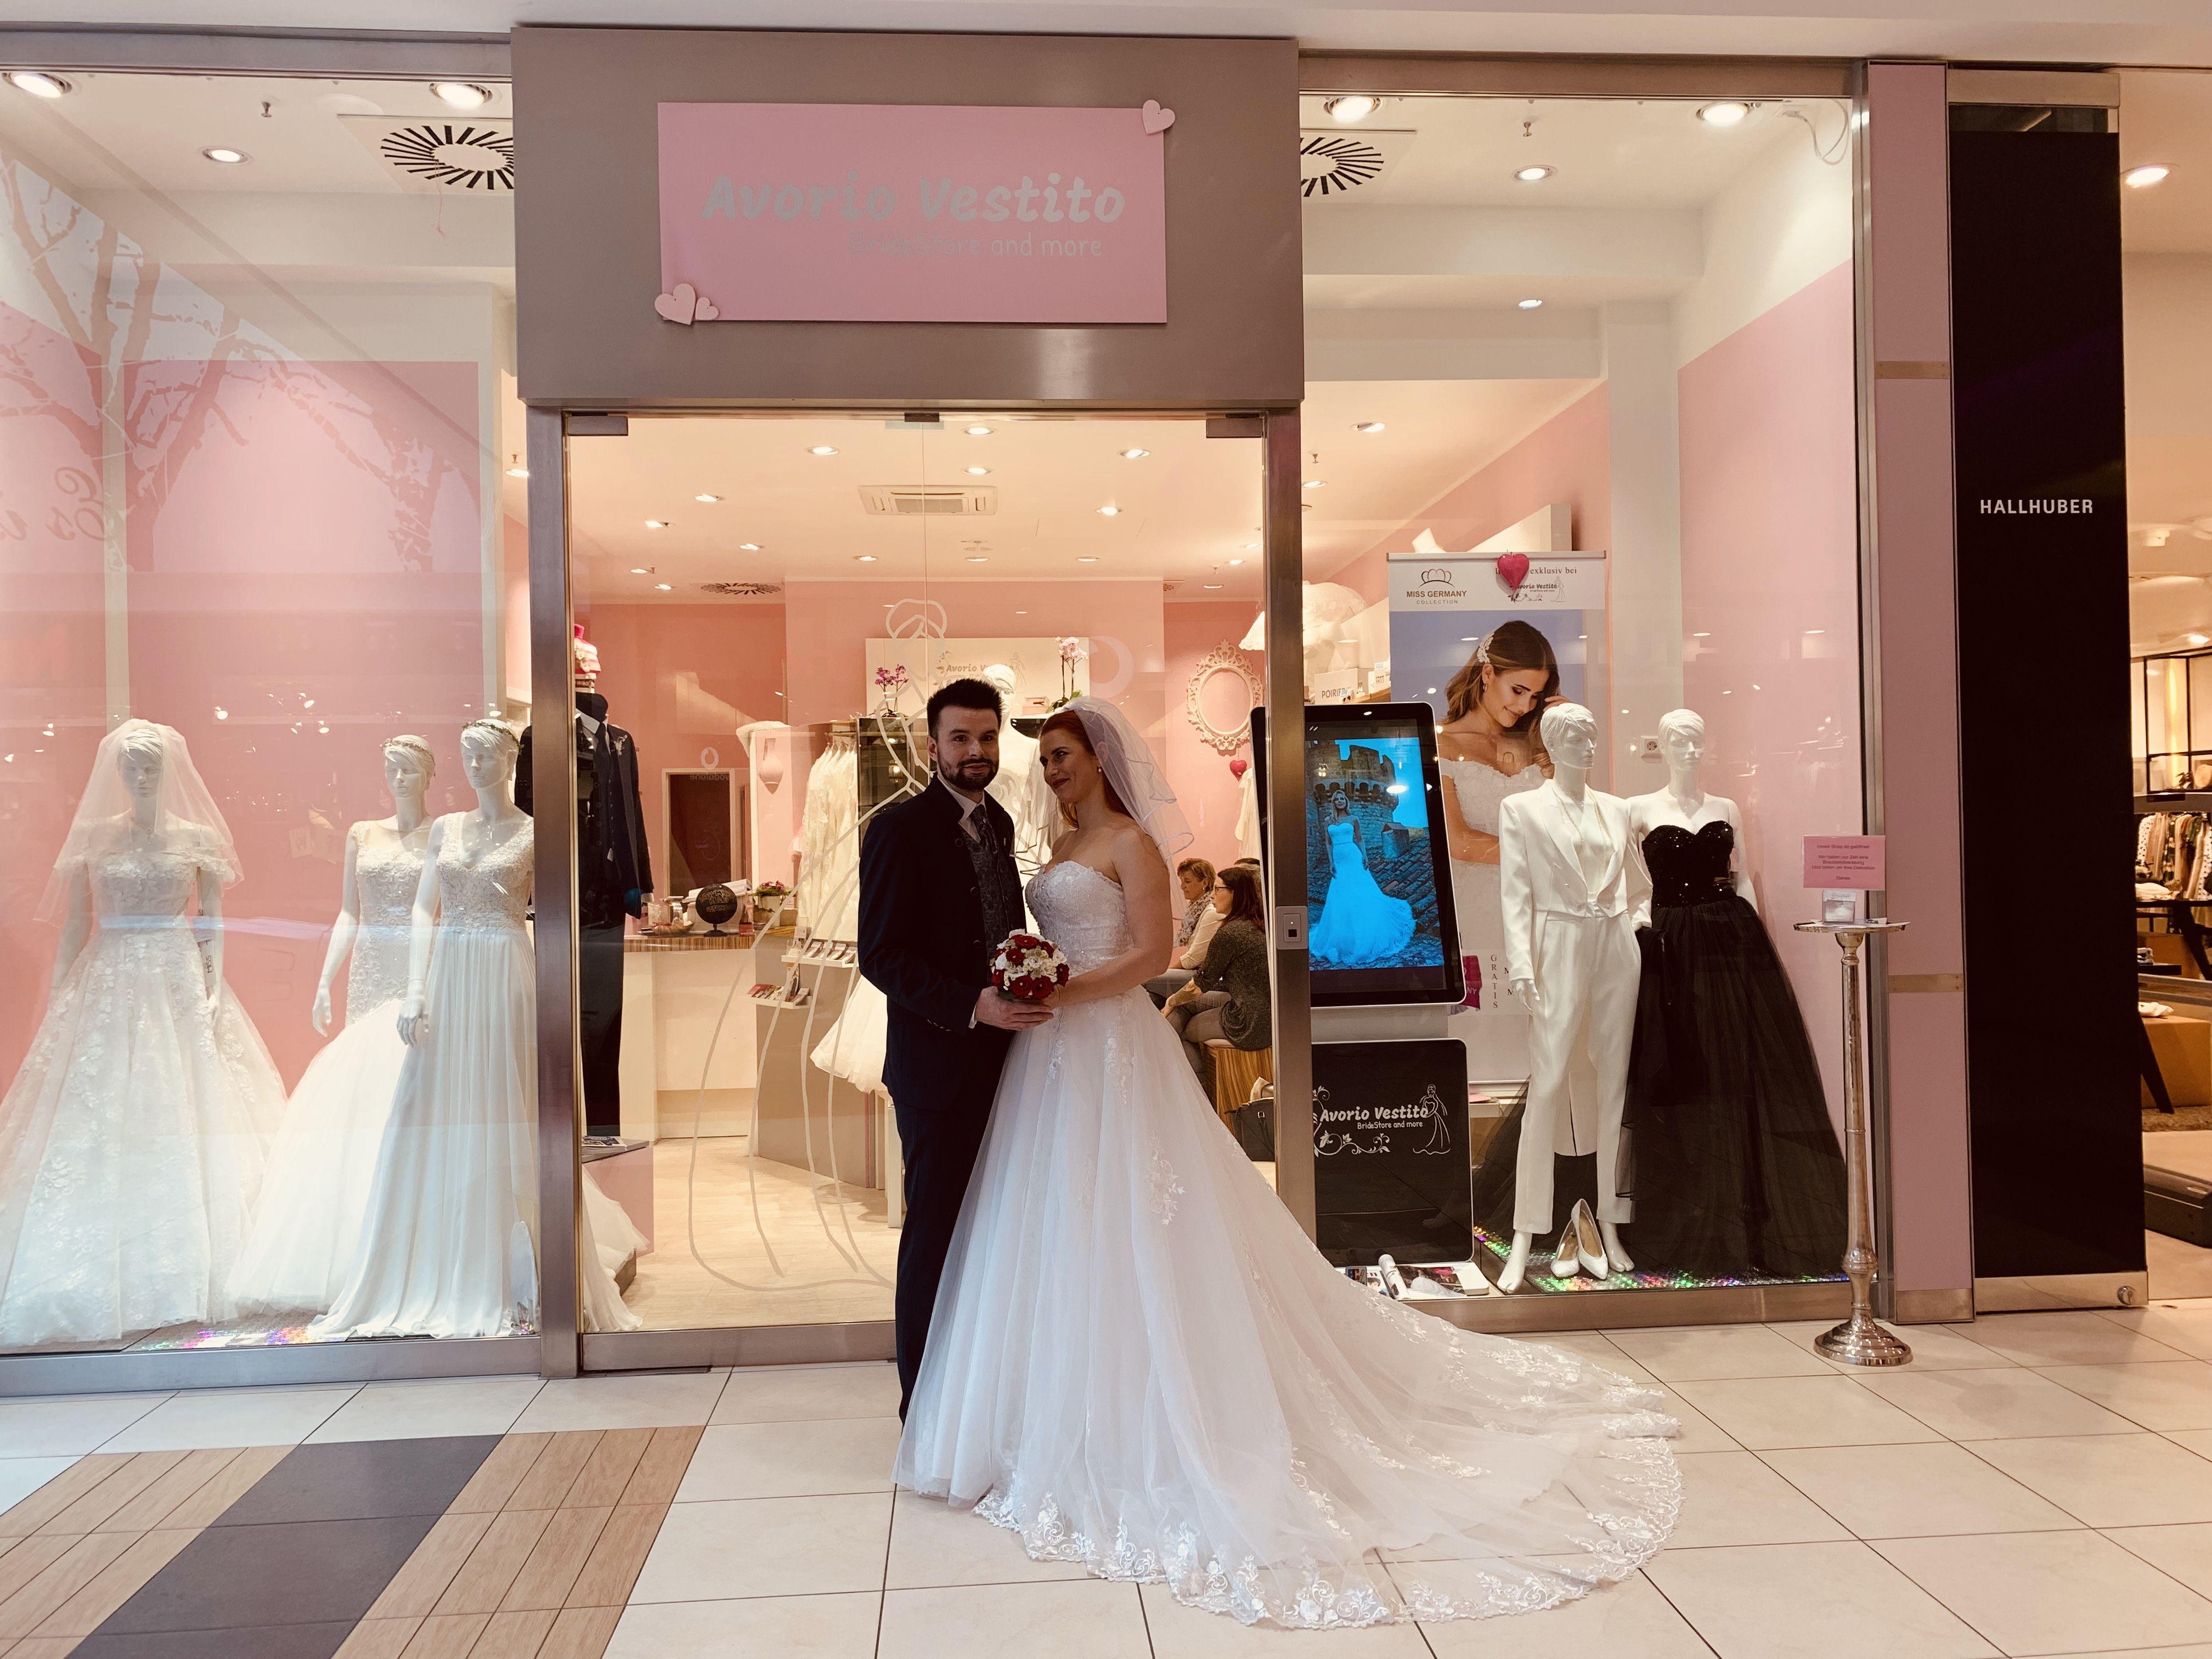 Brautmoden in Berlin • Avorio Vestito BrideStore and more